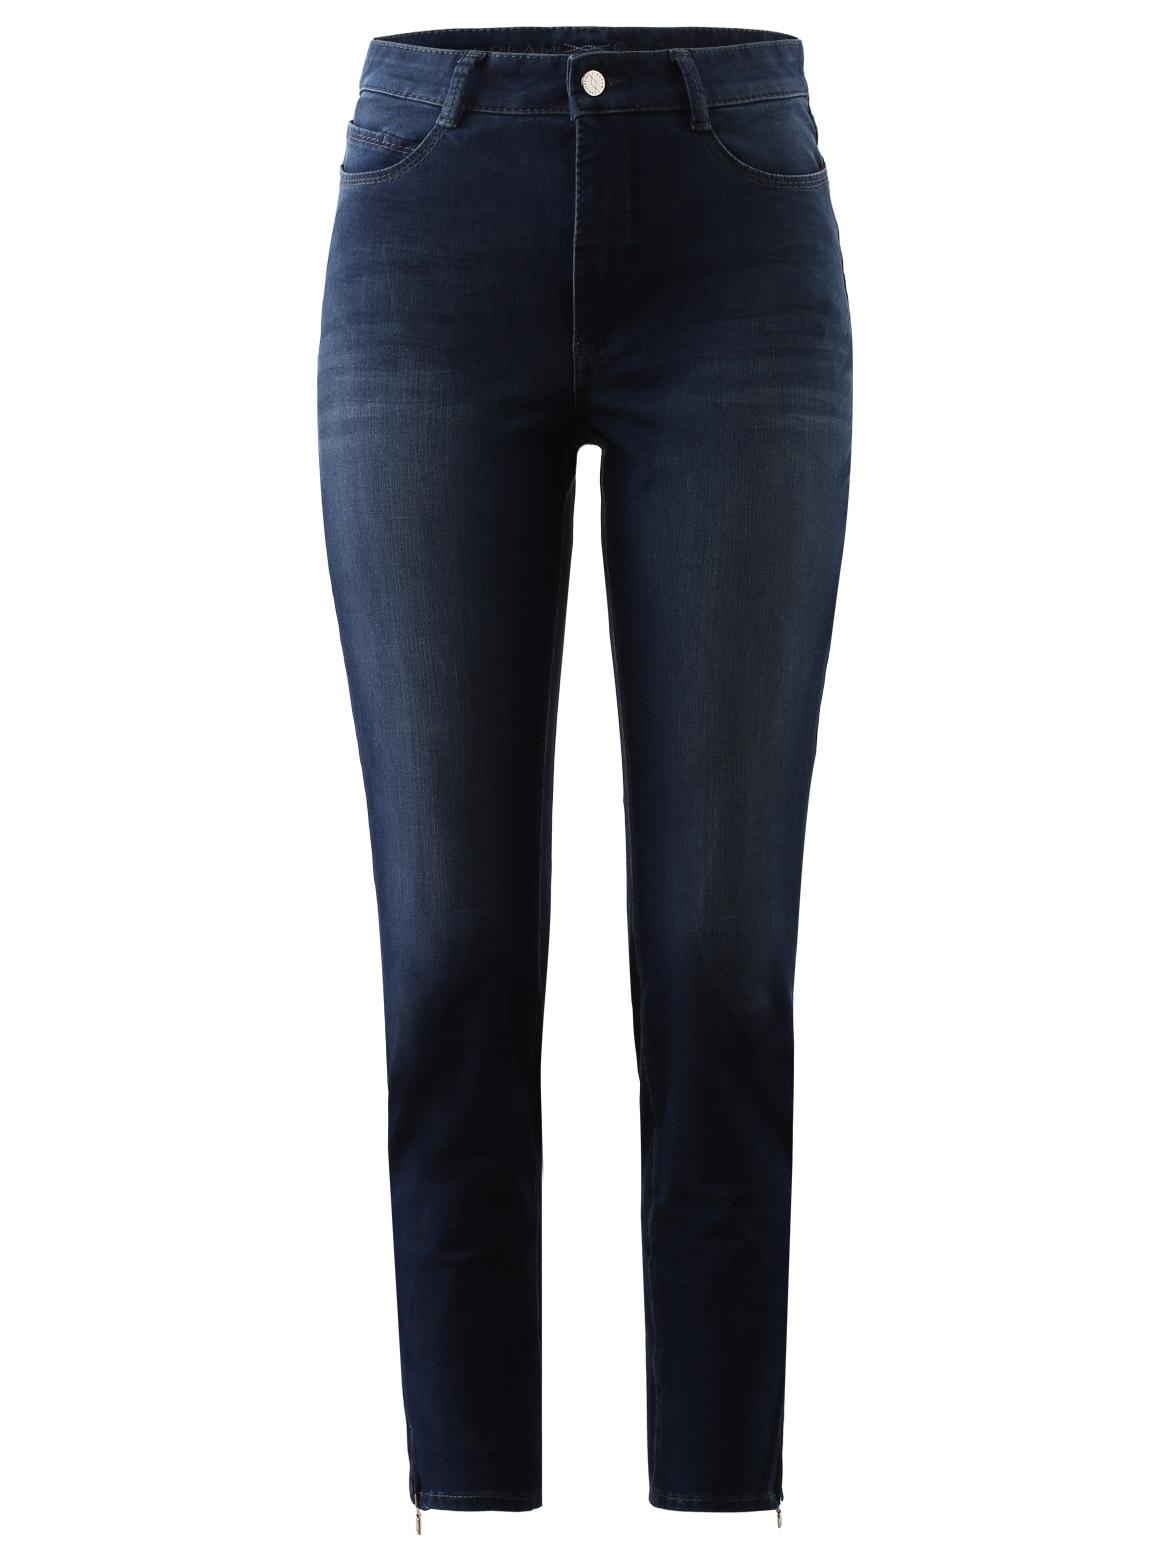 Artikel klicken und genauer betrachten! - Die perfekte Denim: Jeans Dream Sensation von MAC setzt Ihre feminine Silhouette optimal in Szene. Dank BI-Stretch und Shaping-Effekt ist dieses Modell das absolute Wohlfühl-Piece. Ein wunderbares Must-Have. Jeans Dream Sensation von MAC Schmal zulaufender Beinverlauf: Skinny Weiterer Oberschenkel Normale Leibhöhe Cropped-Länge Enge Fußweite Schließt mit Zipfly und Knopf 5-Pocket-Stil Leichte Waschung Beinsaum mit Zipper Swarovskibesatz am Bund Saison: Herbst/Winter Material: 82% Baumwolle, 10% Polyester, 8% Elasthan Versand des Artikels / Ware erfolgt zügig dauert ca. 2 - 4 Werktage.  | im Online Shop kaufen